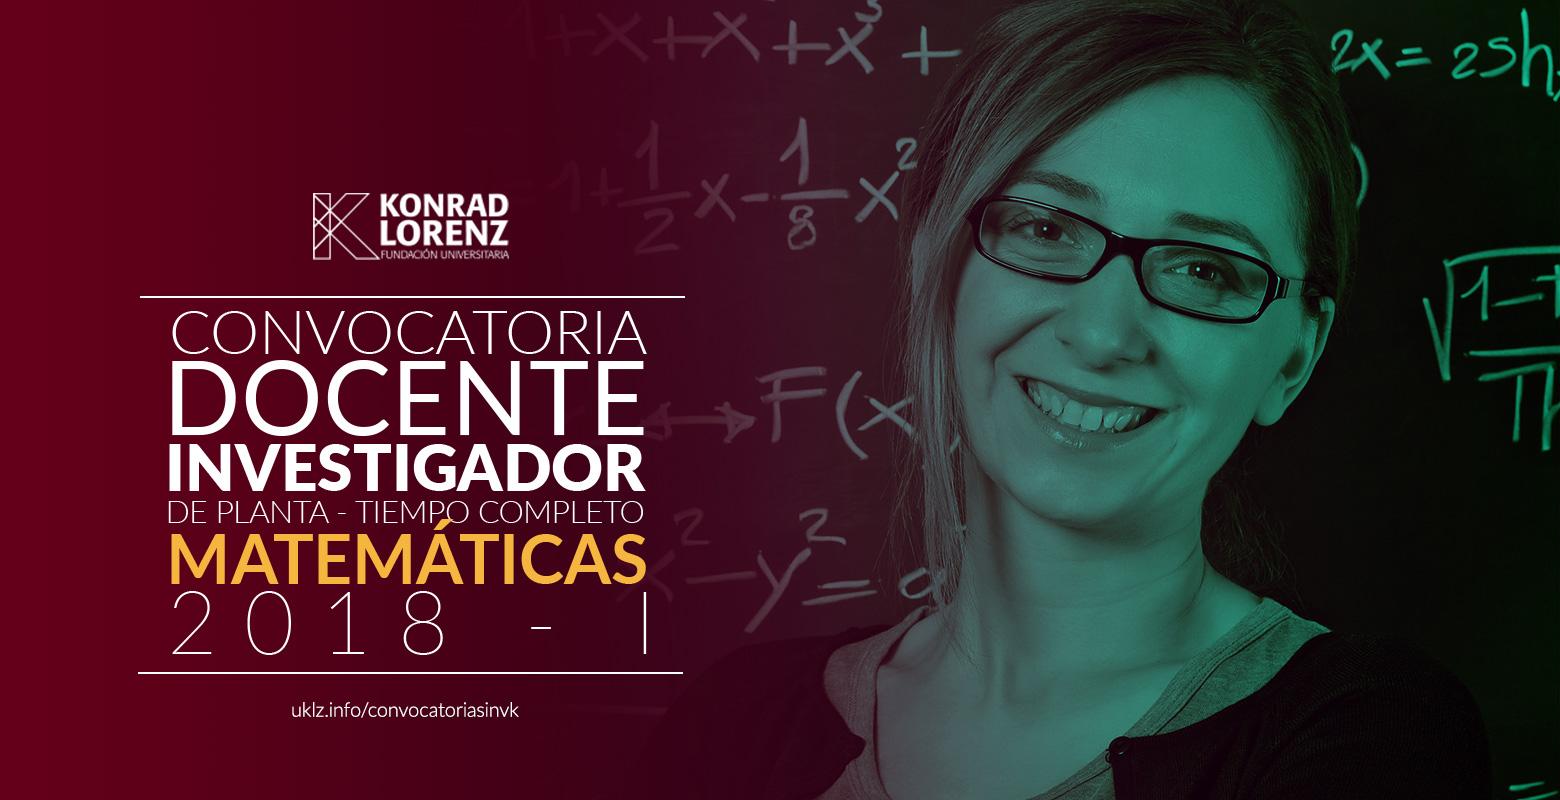 Convocatoria para Docentes Investigadores Matemáticas